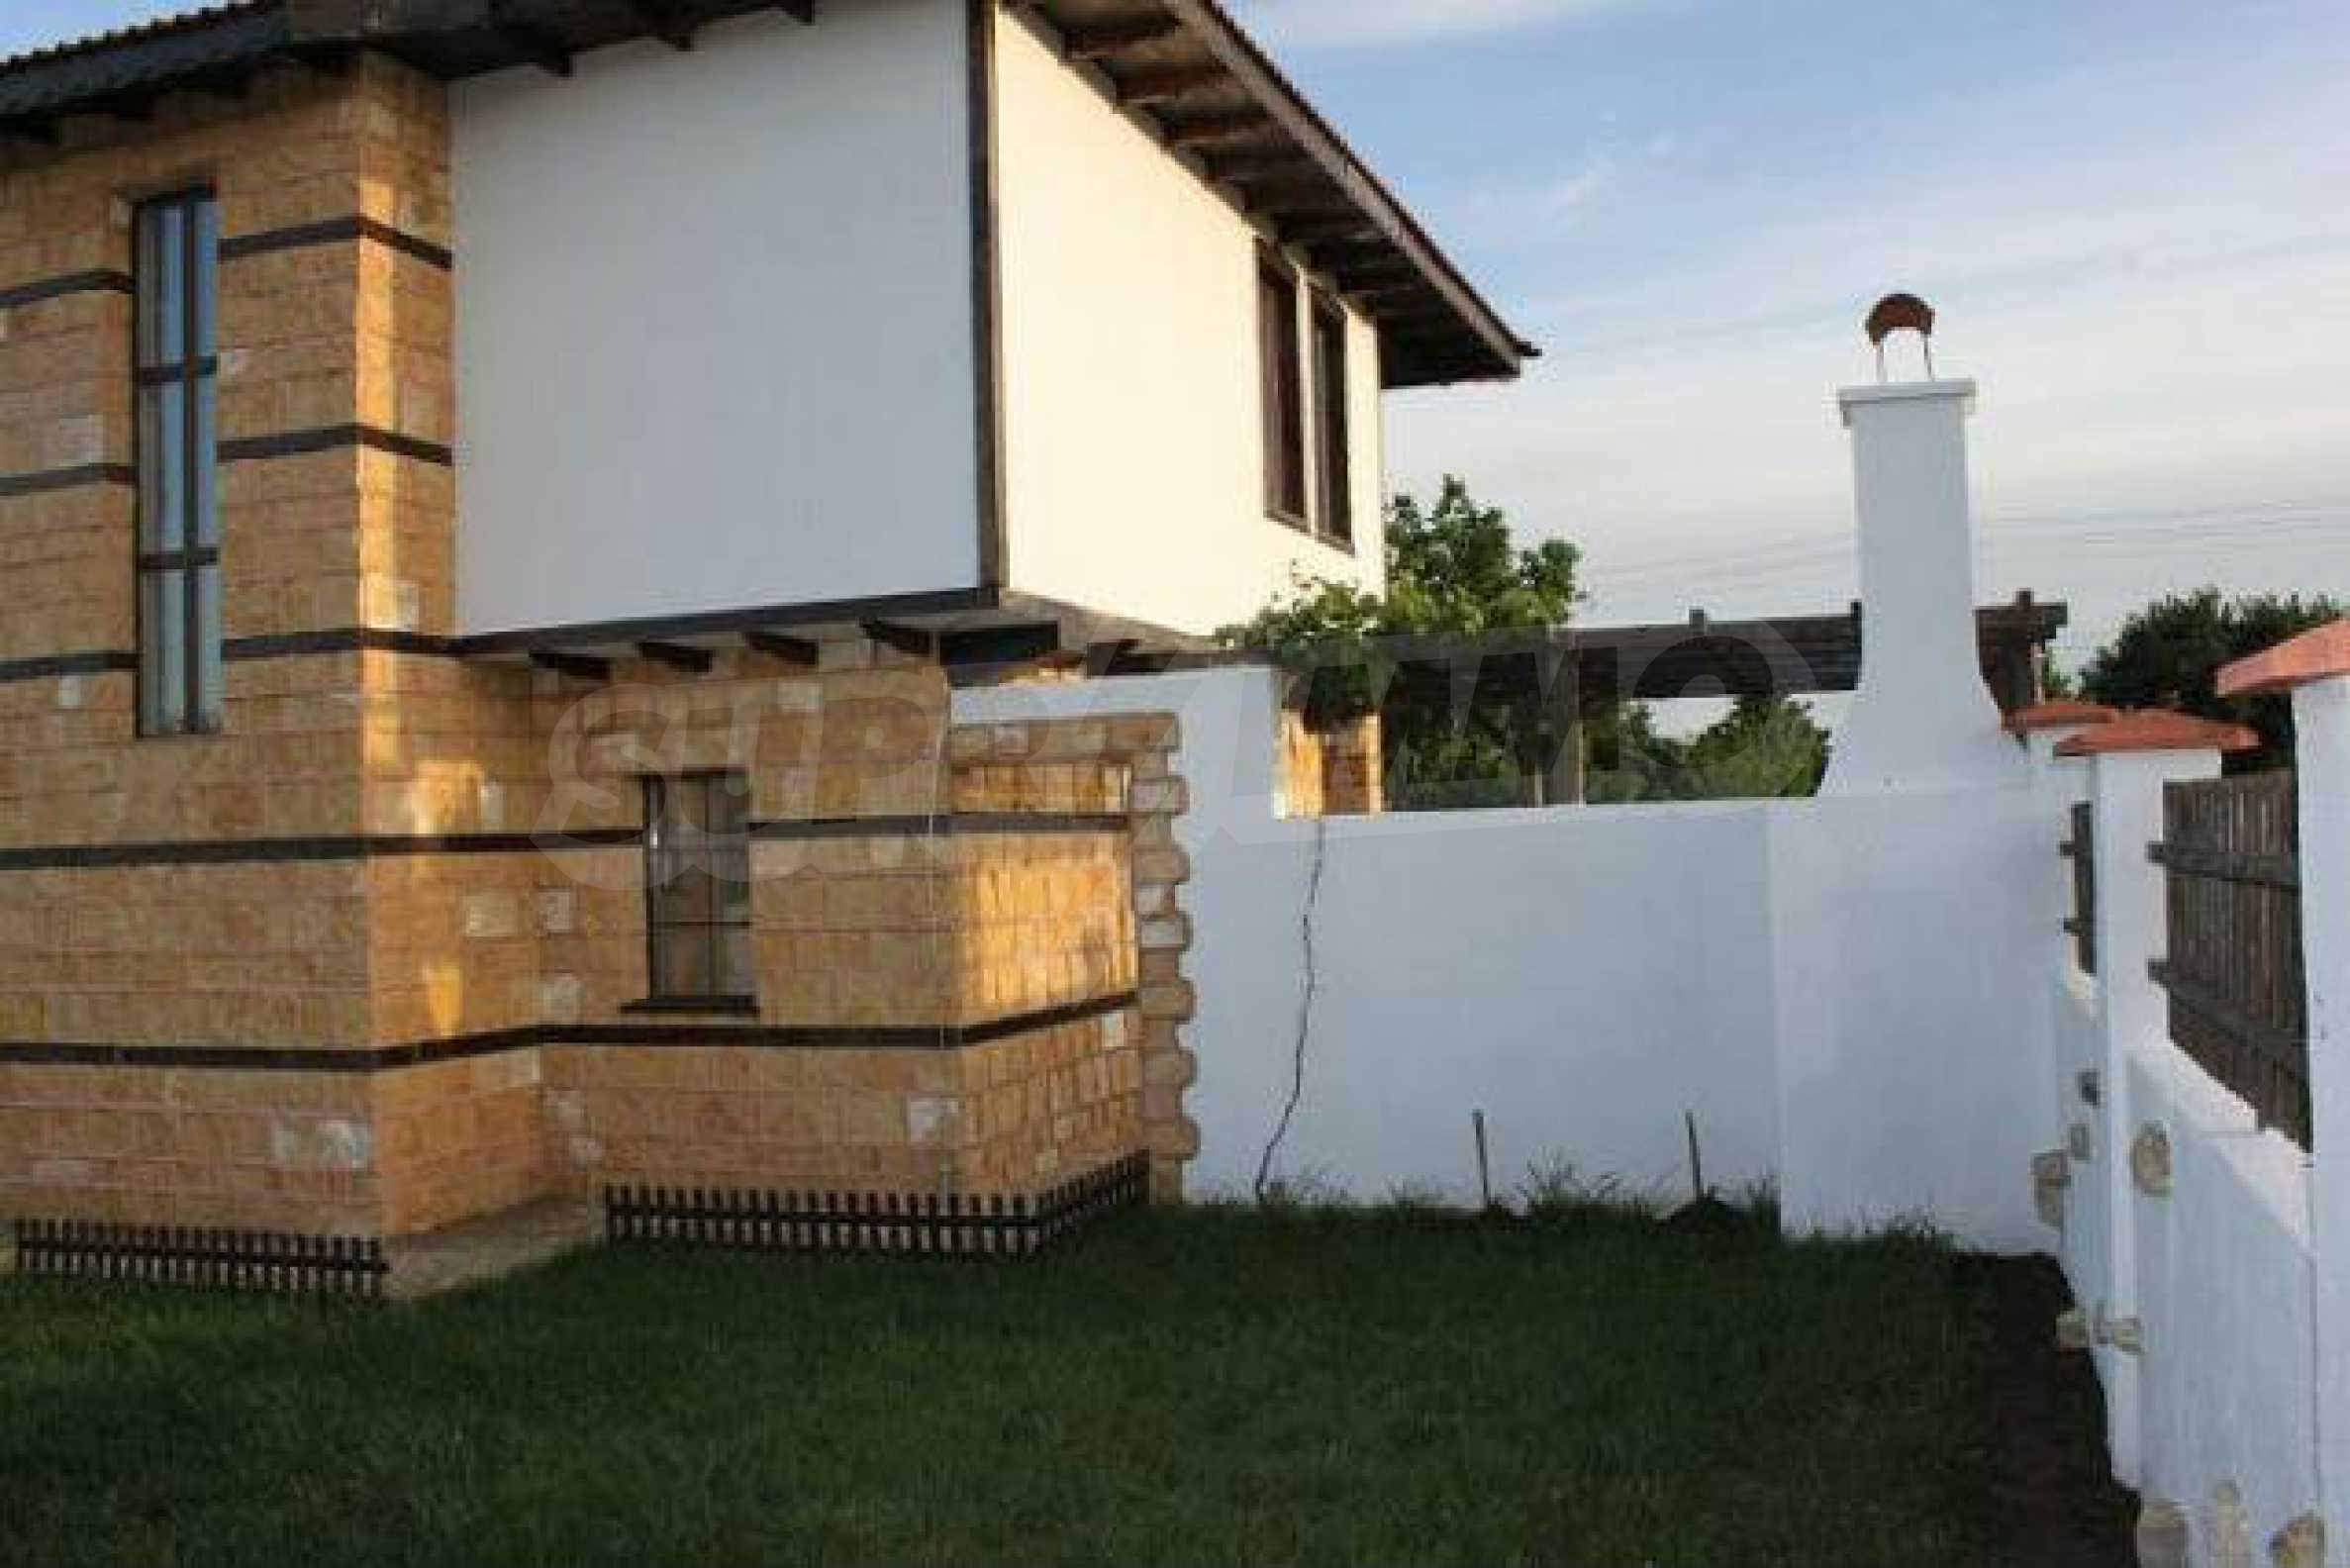 Neues zweistöckiges Haus 8 km von Baltschik entfernt 22